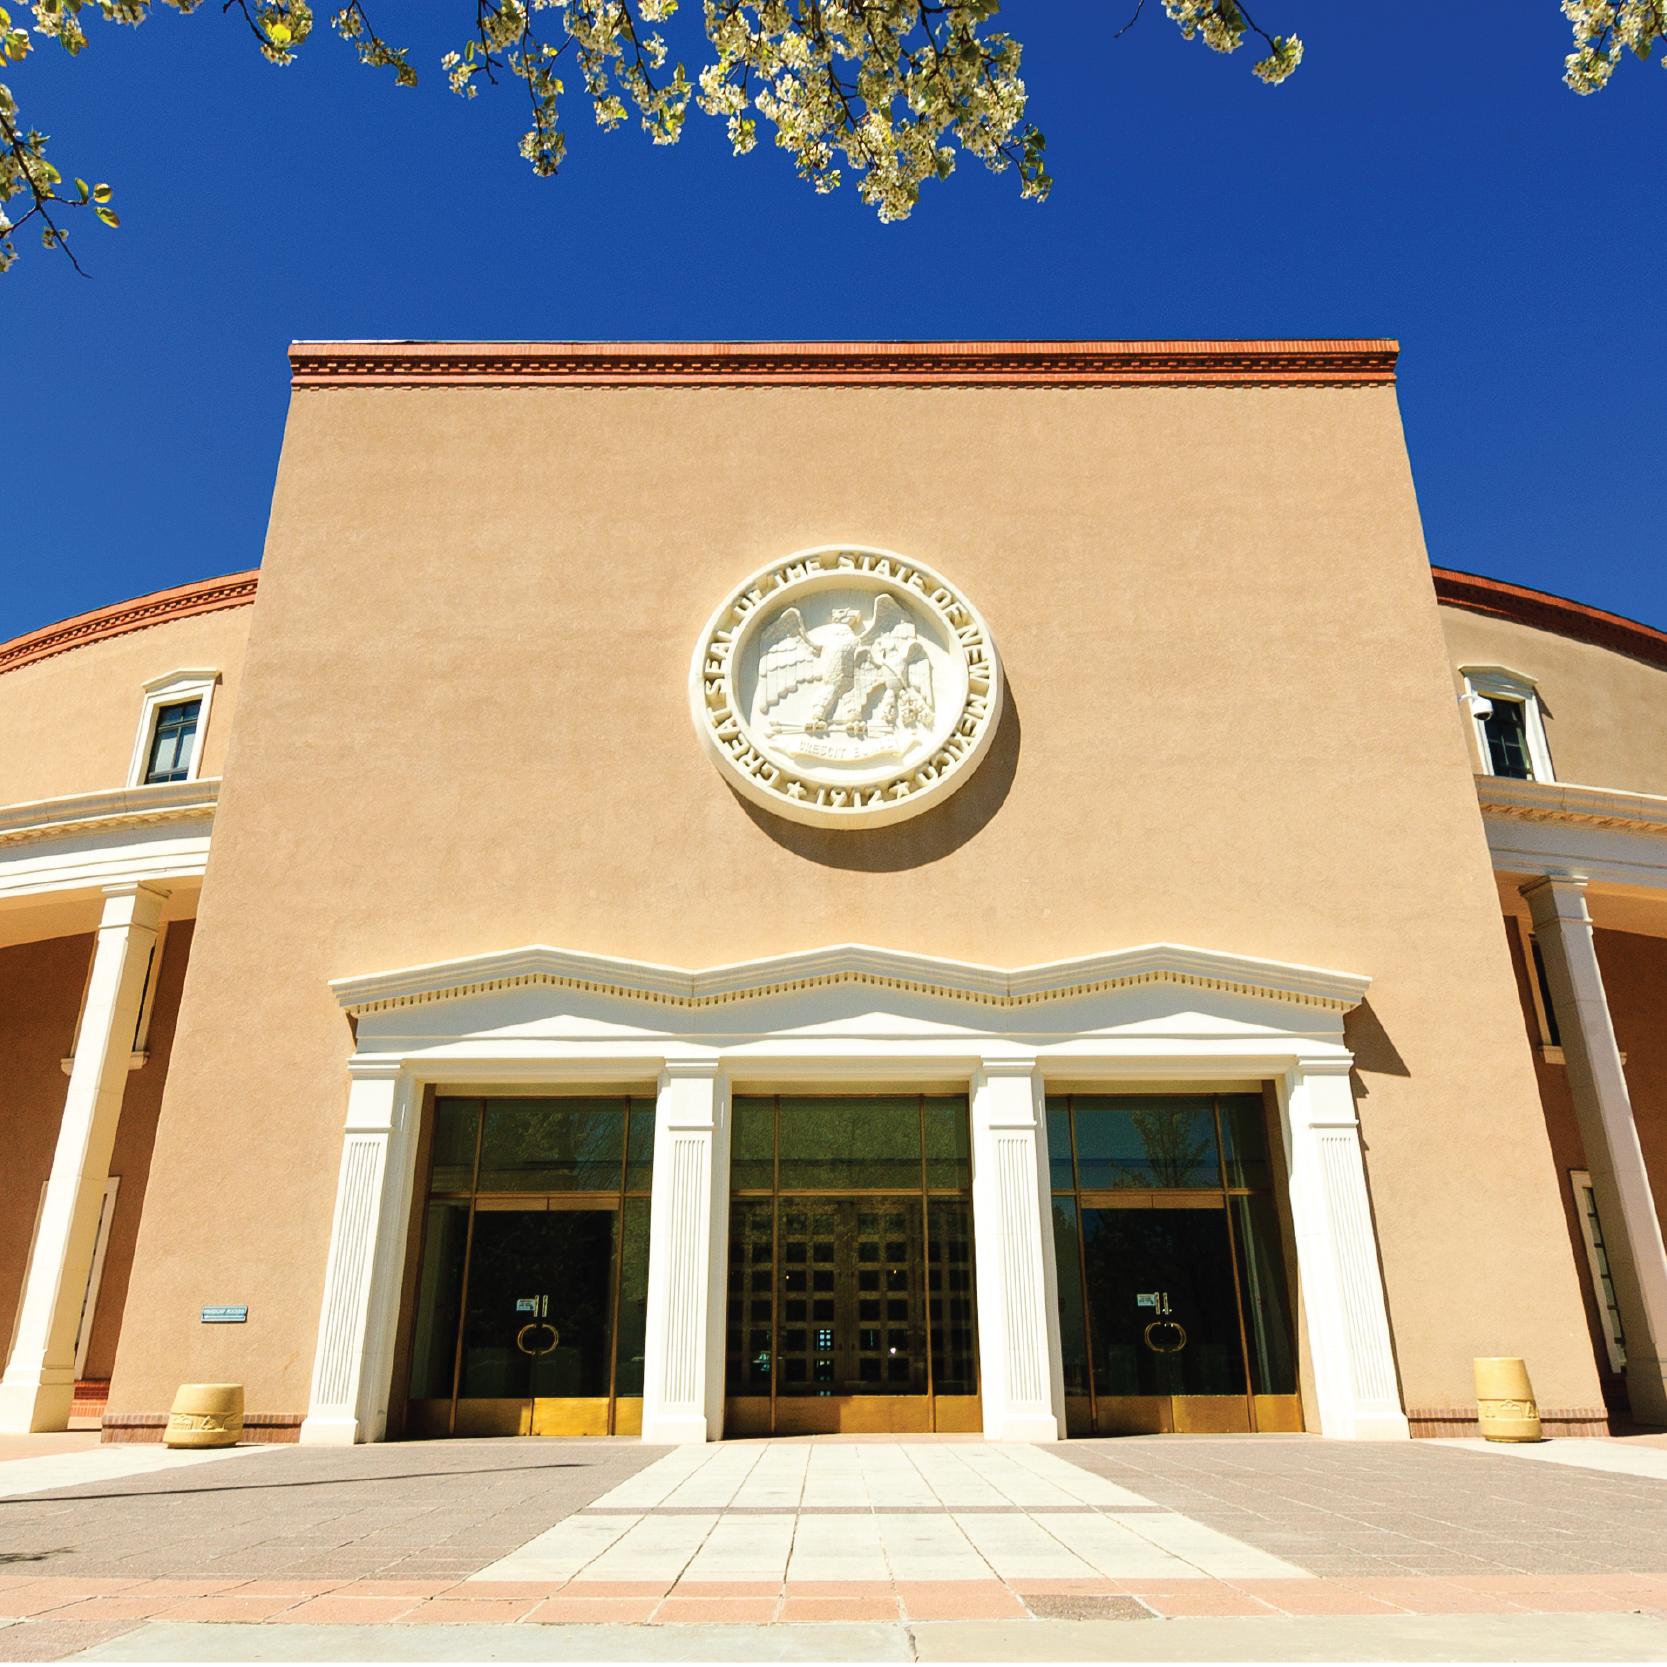 NM Capitol